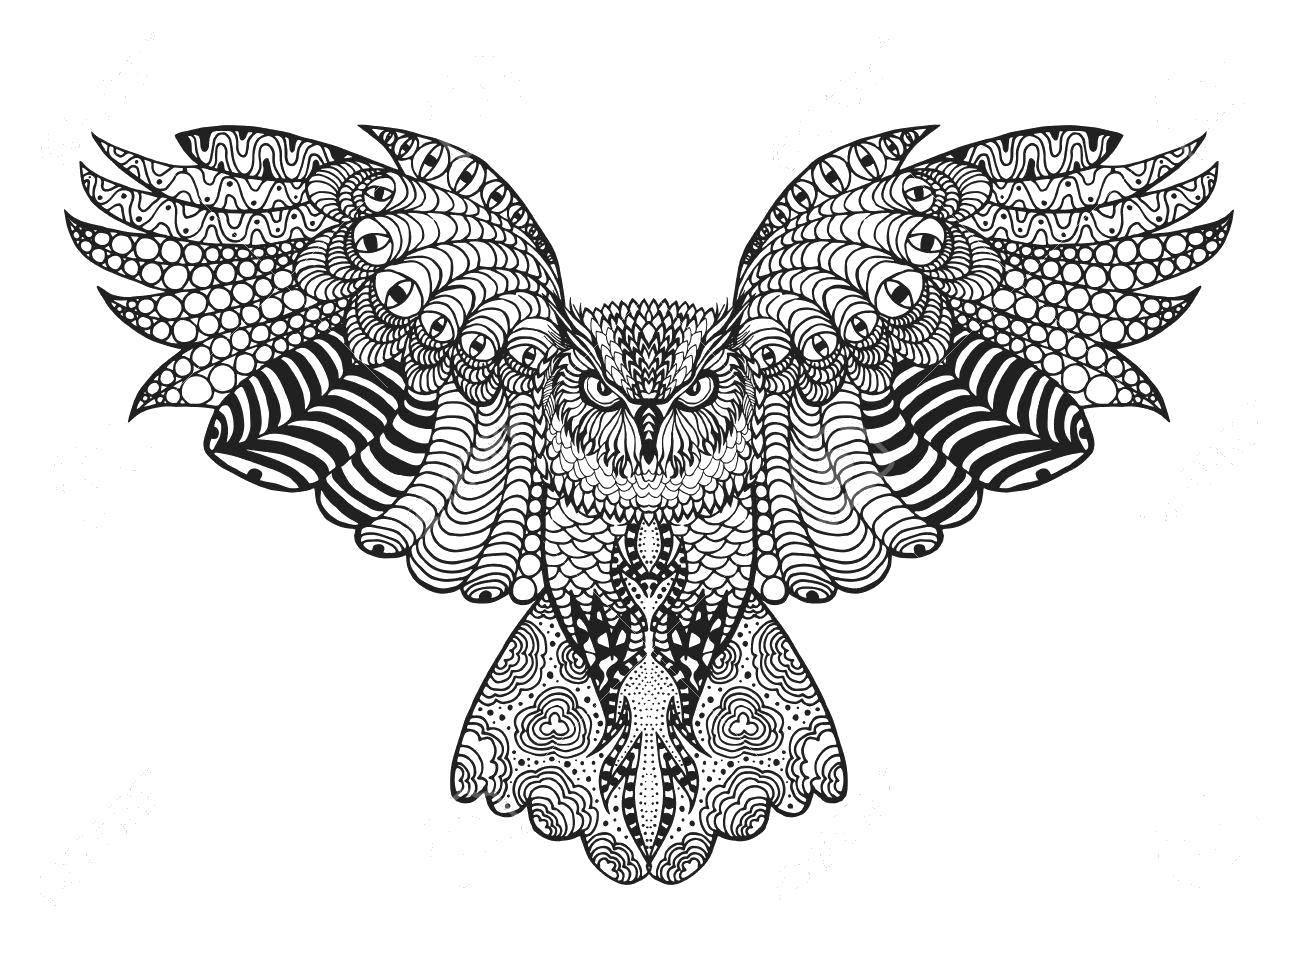 Раскраска Сова  из узоров парит в воздухе Скачать Узор, животные, сова.  Распечатать ,раскраски антистресс,